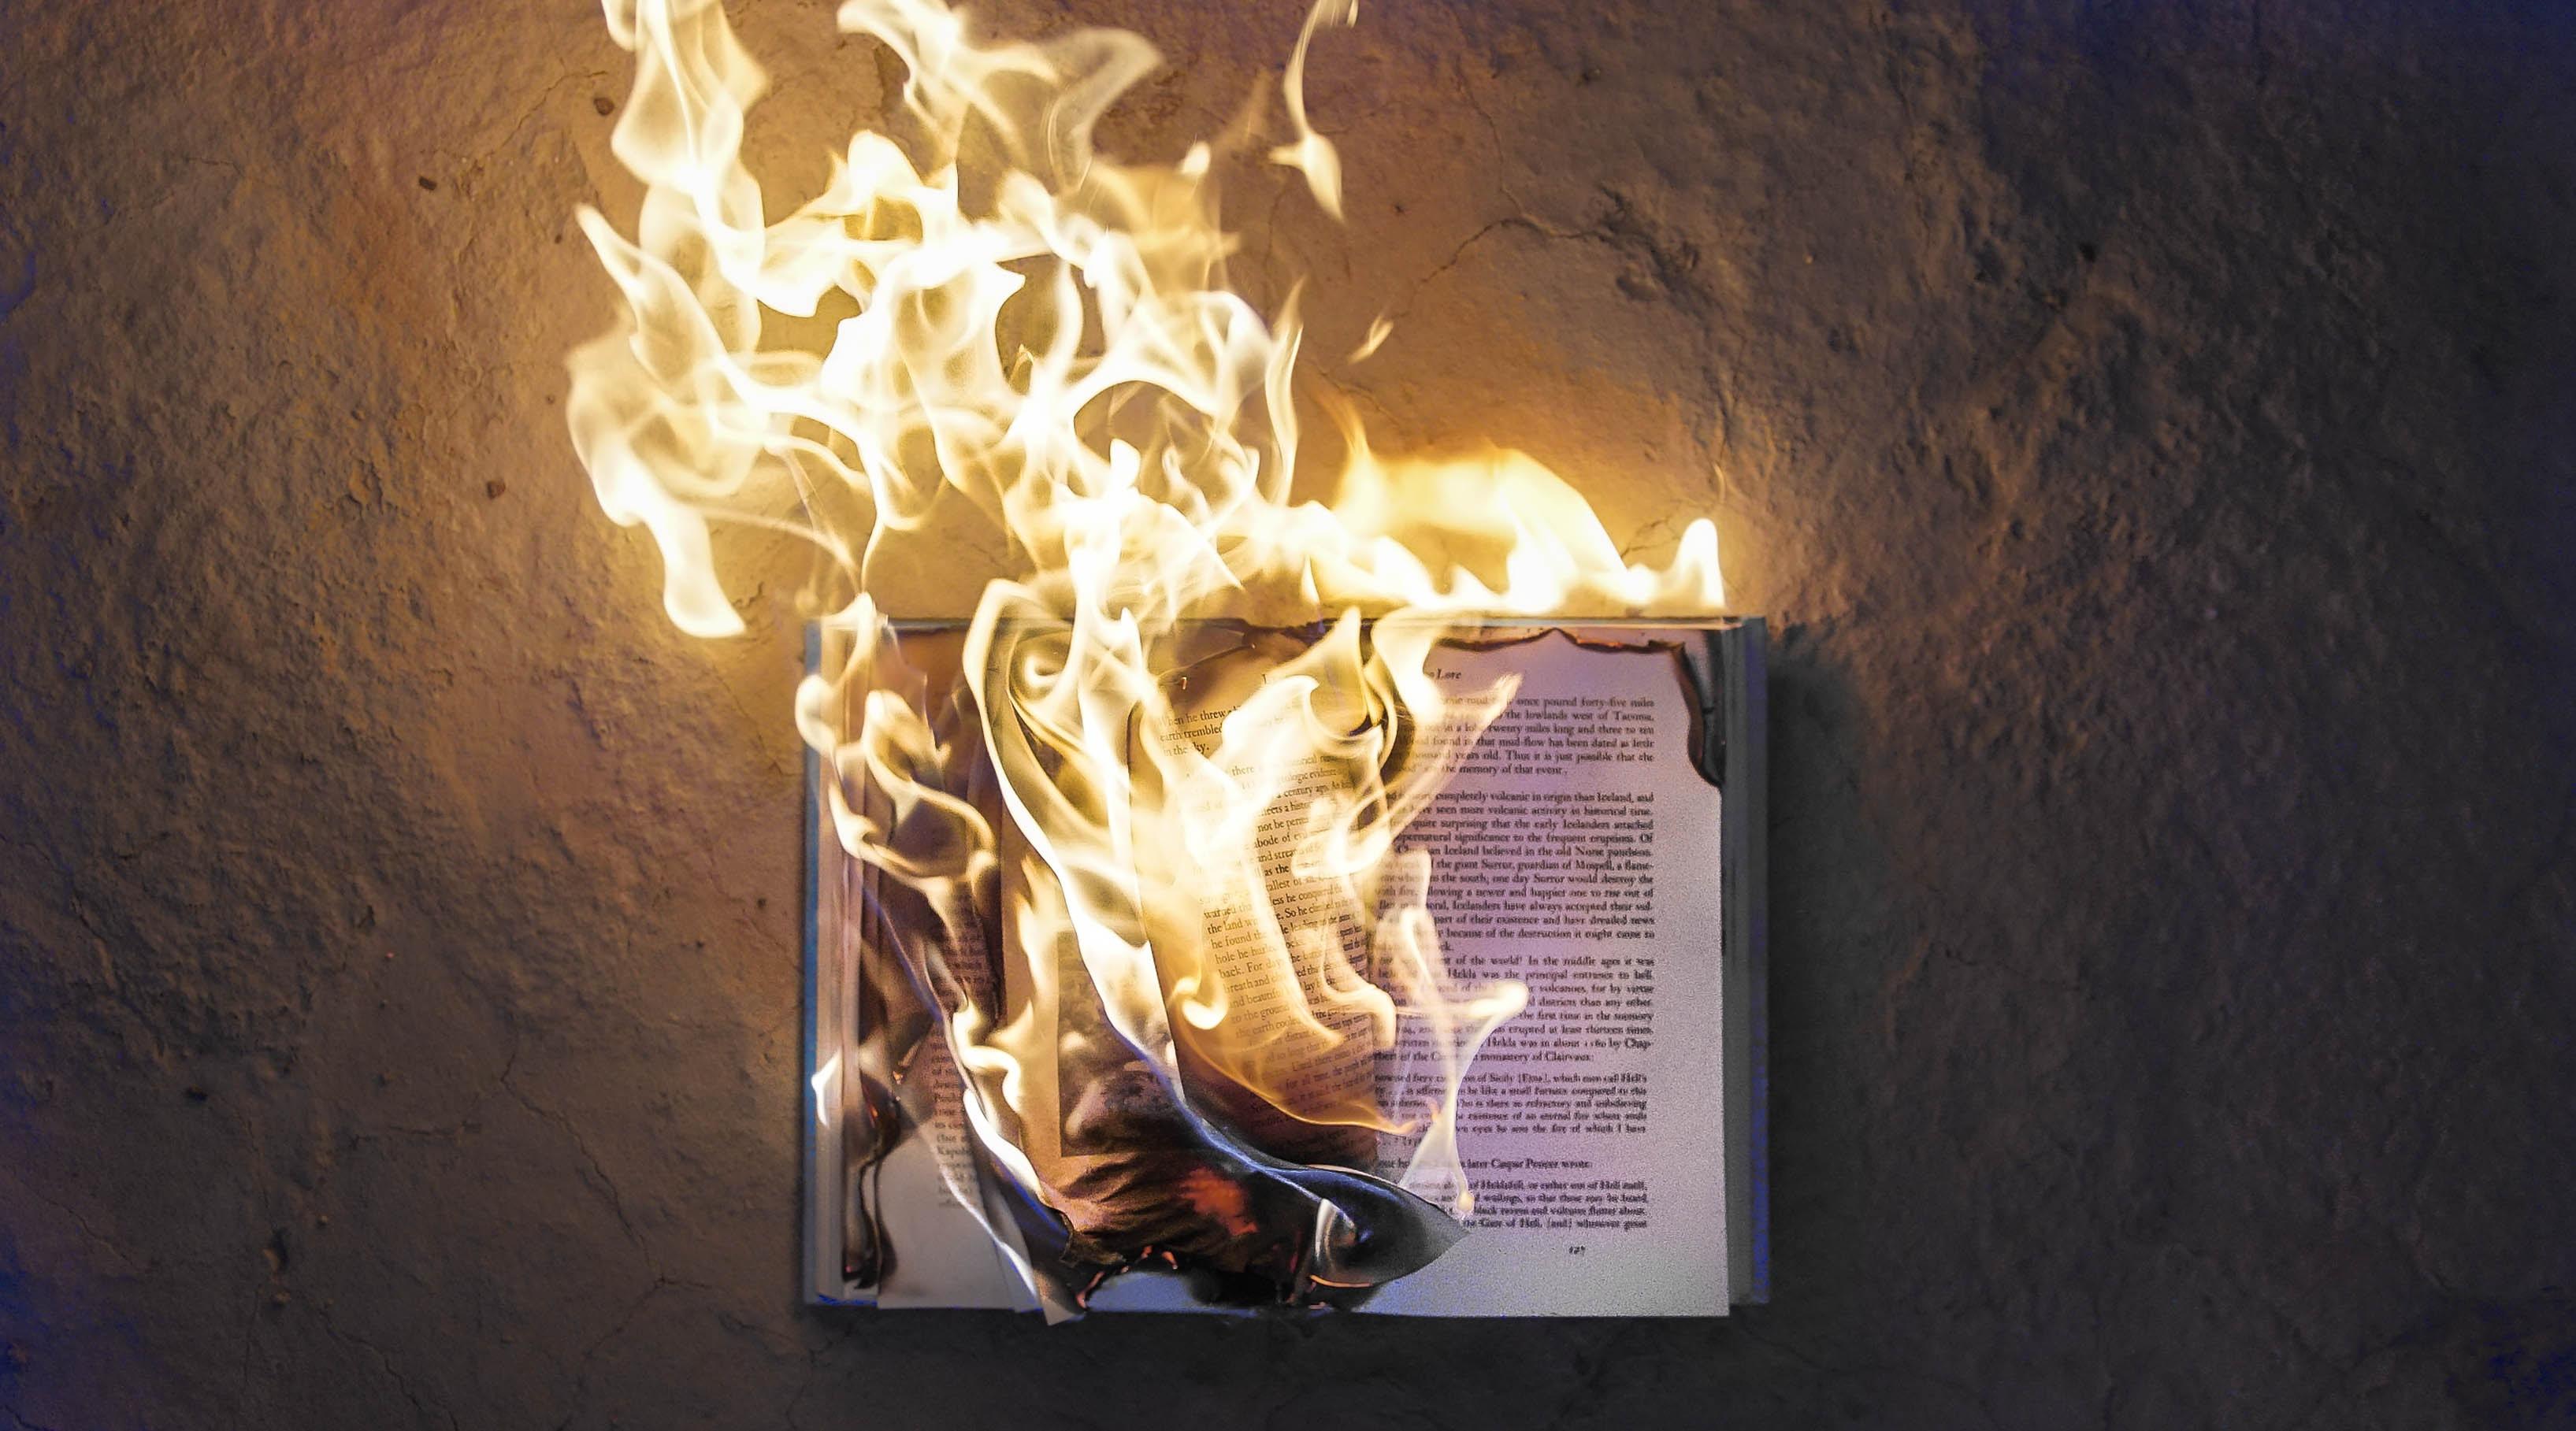 livre qui brule - Fahrenheit 451